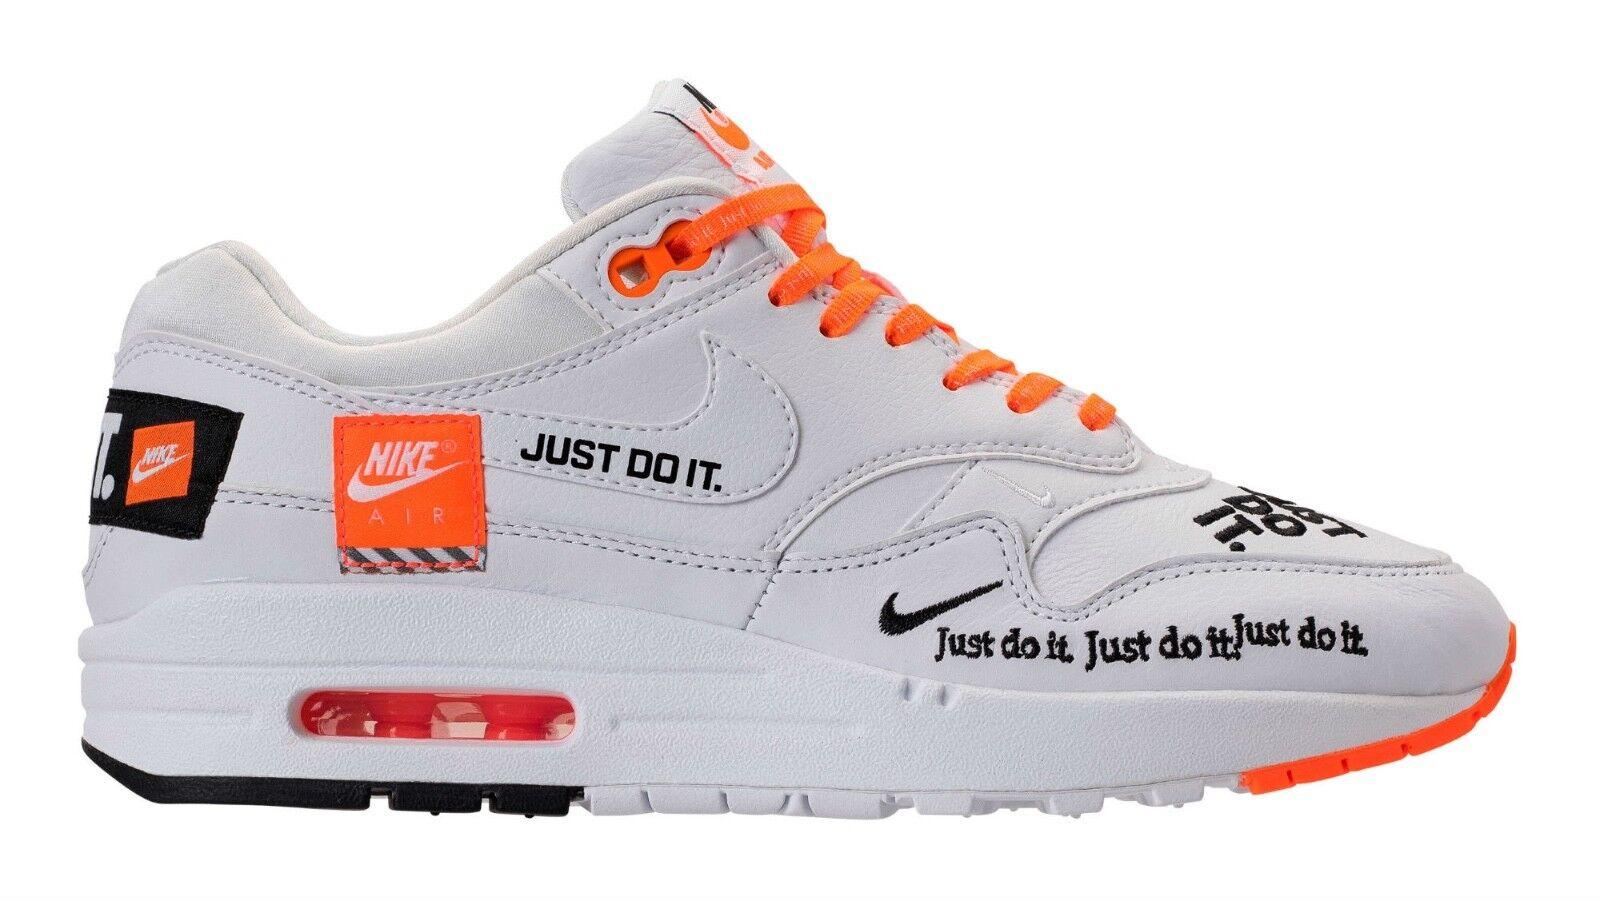 Nike air max 1 se lux fallo bianco arancio a01021 100 uomini dimensioni gli 8 e i 13